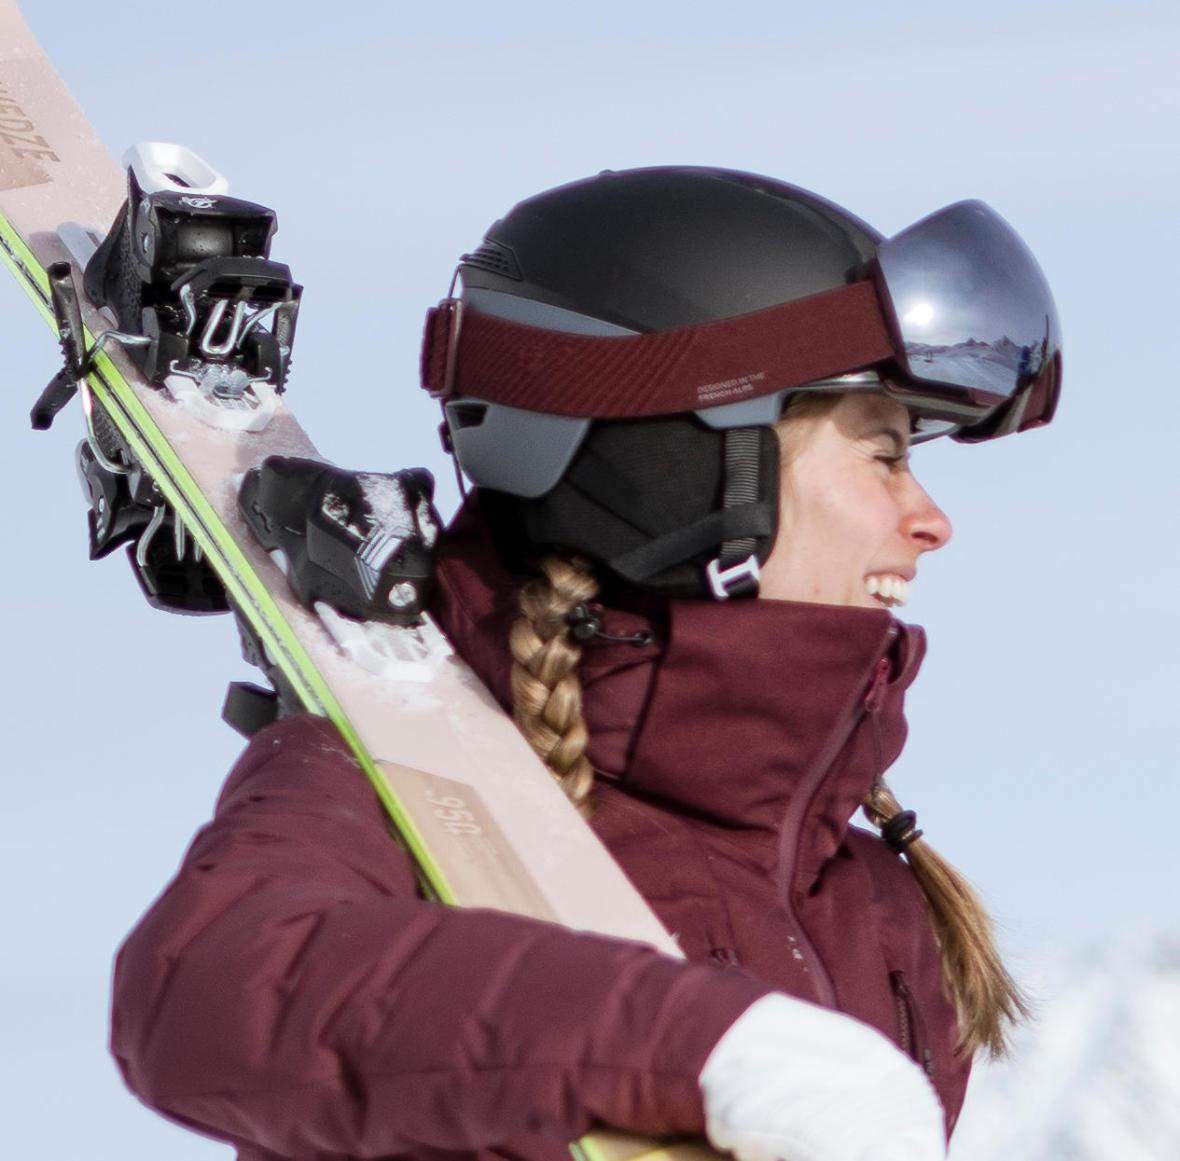 comment porter ses skis les techniques de wed'ze